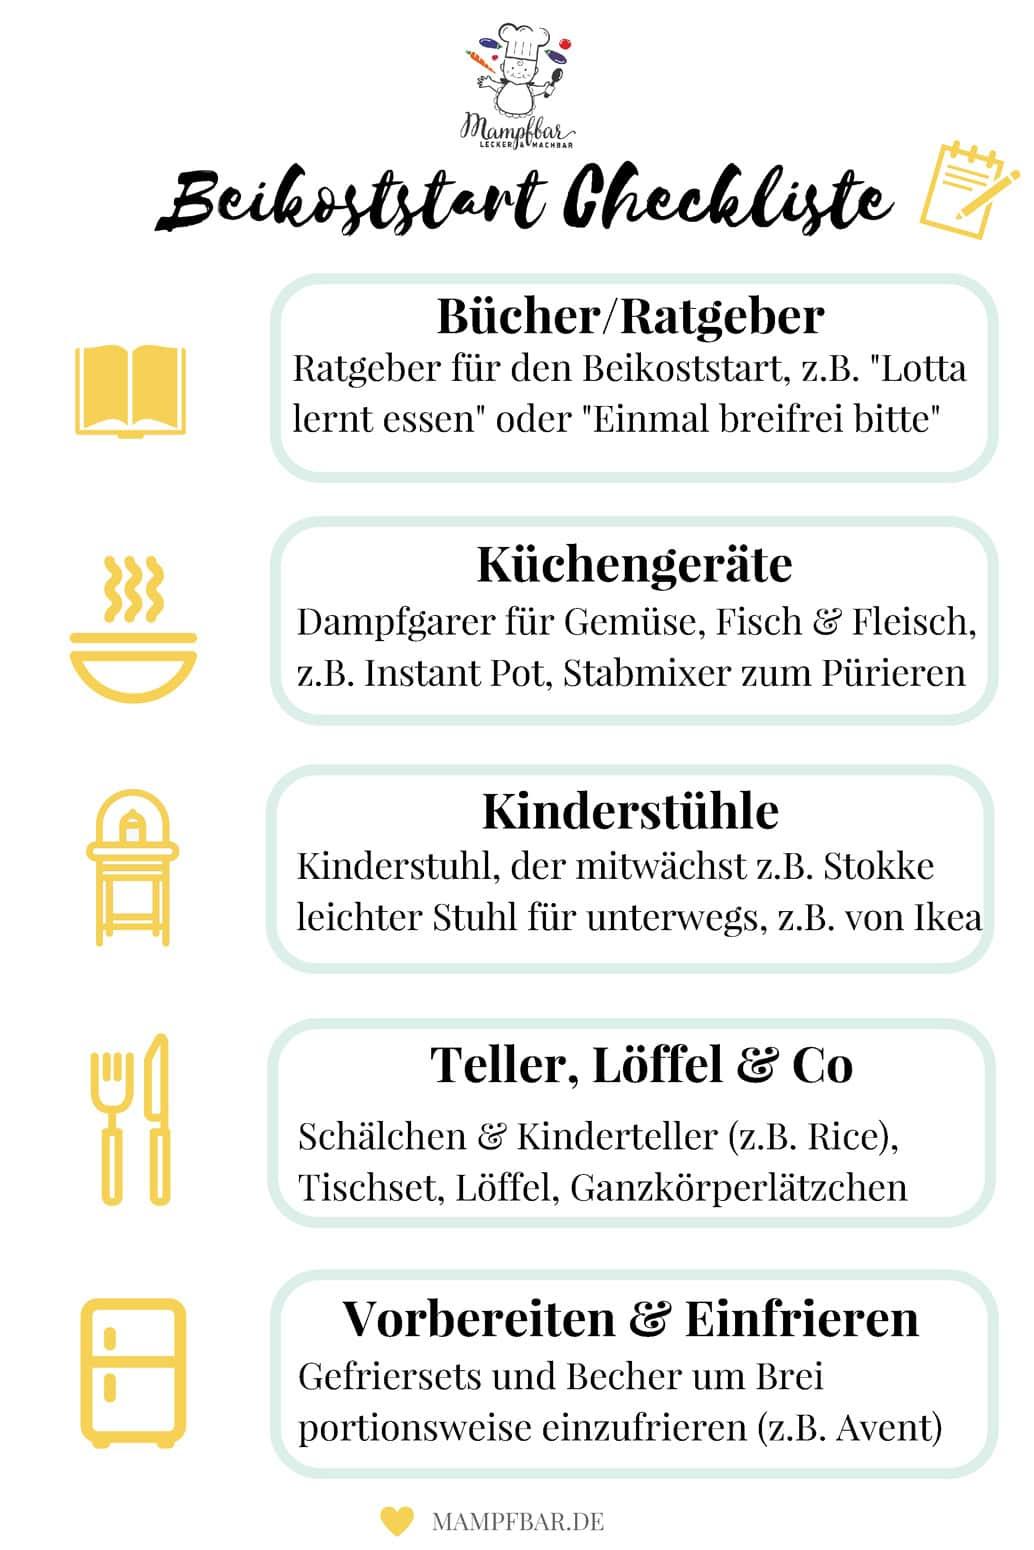 Ladet euch kostenlos unsere Beikost-Checkliste runter und erhaltet viele einfache Tipps und Rezepte für den Beikoststart: mampfbar.de